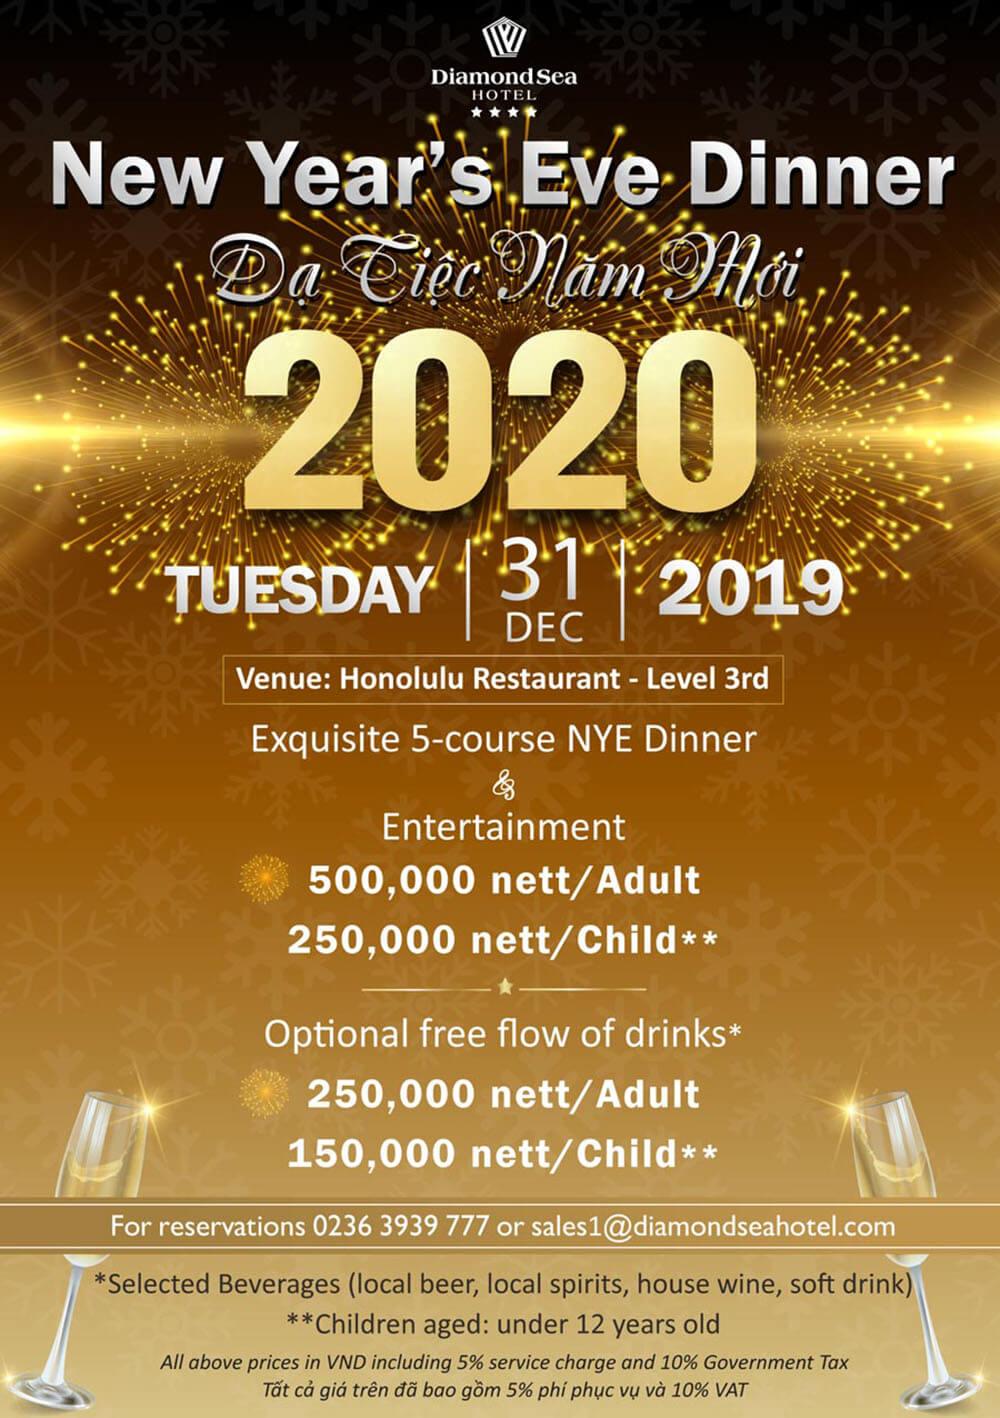 Da Tiec Giang Sinh Va Nam Moi Tai Khach San Diamond Sea Hotel Danang 005